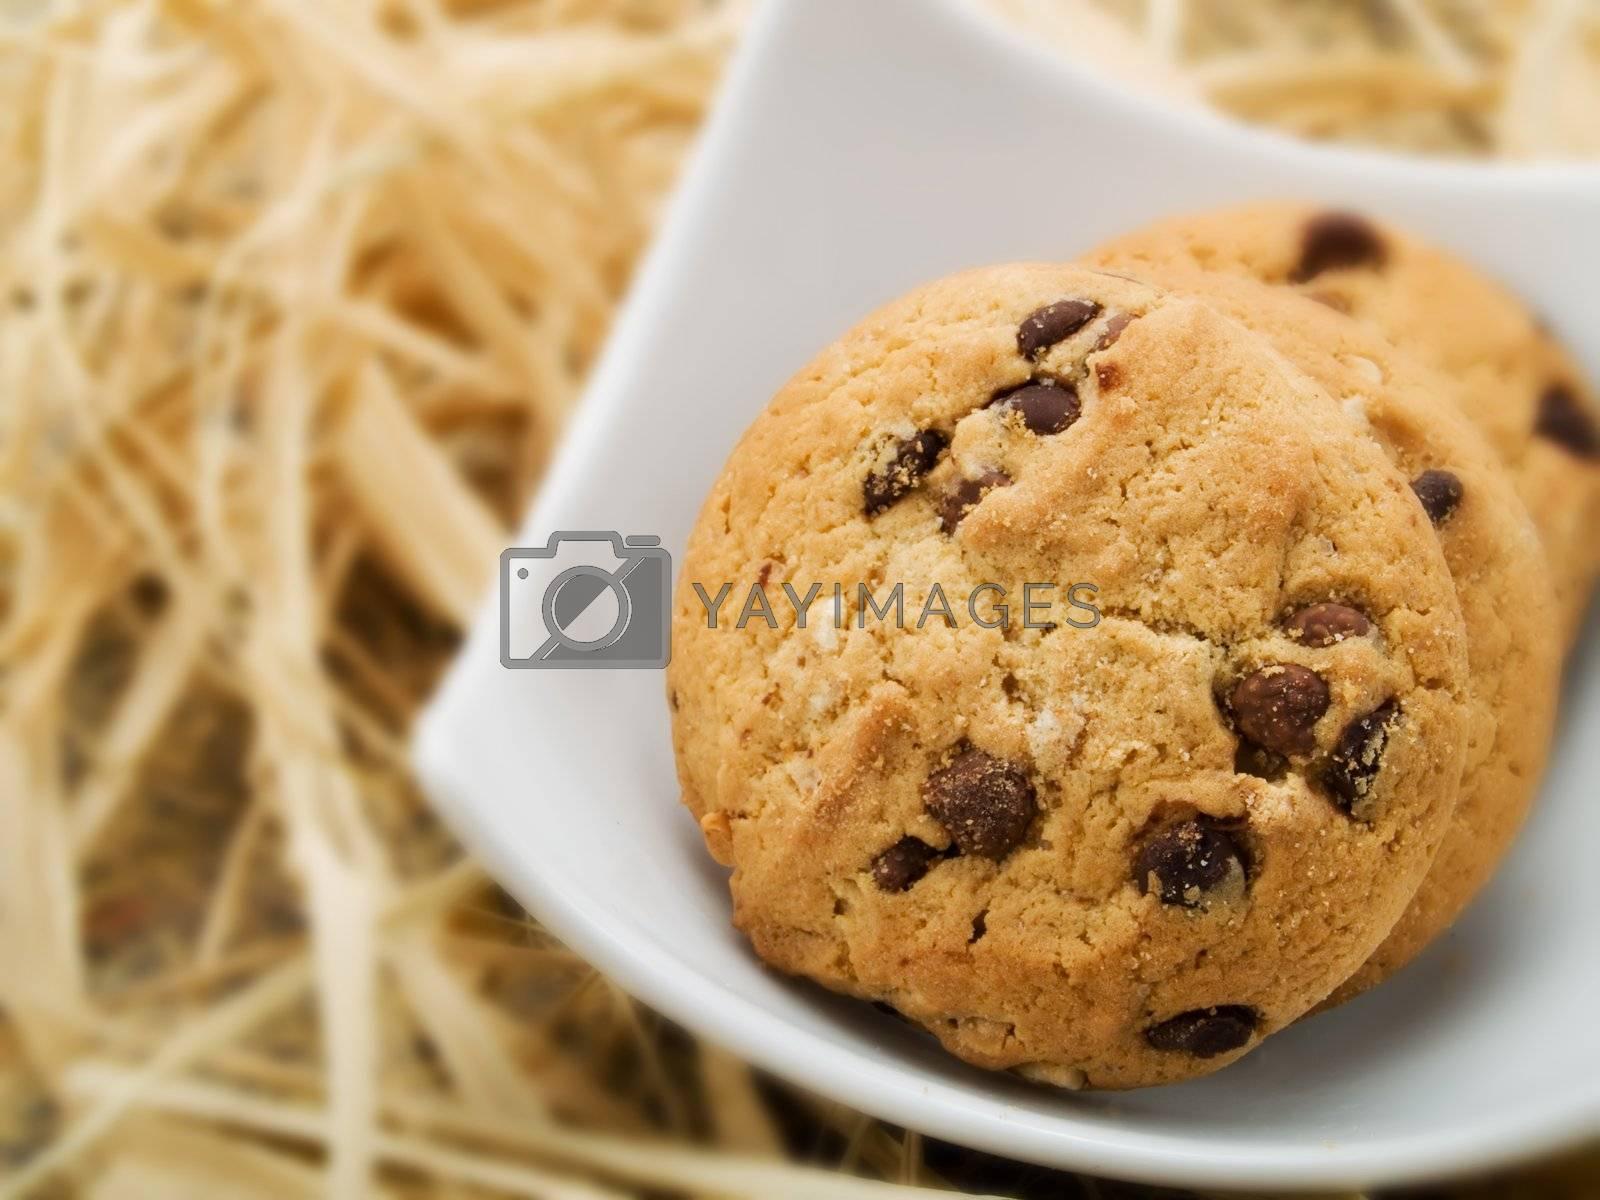 Cookies by henrischmit